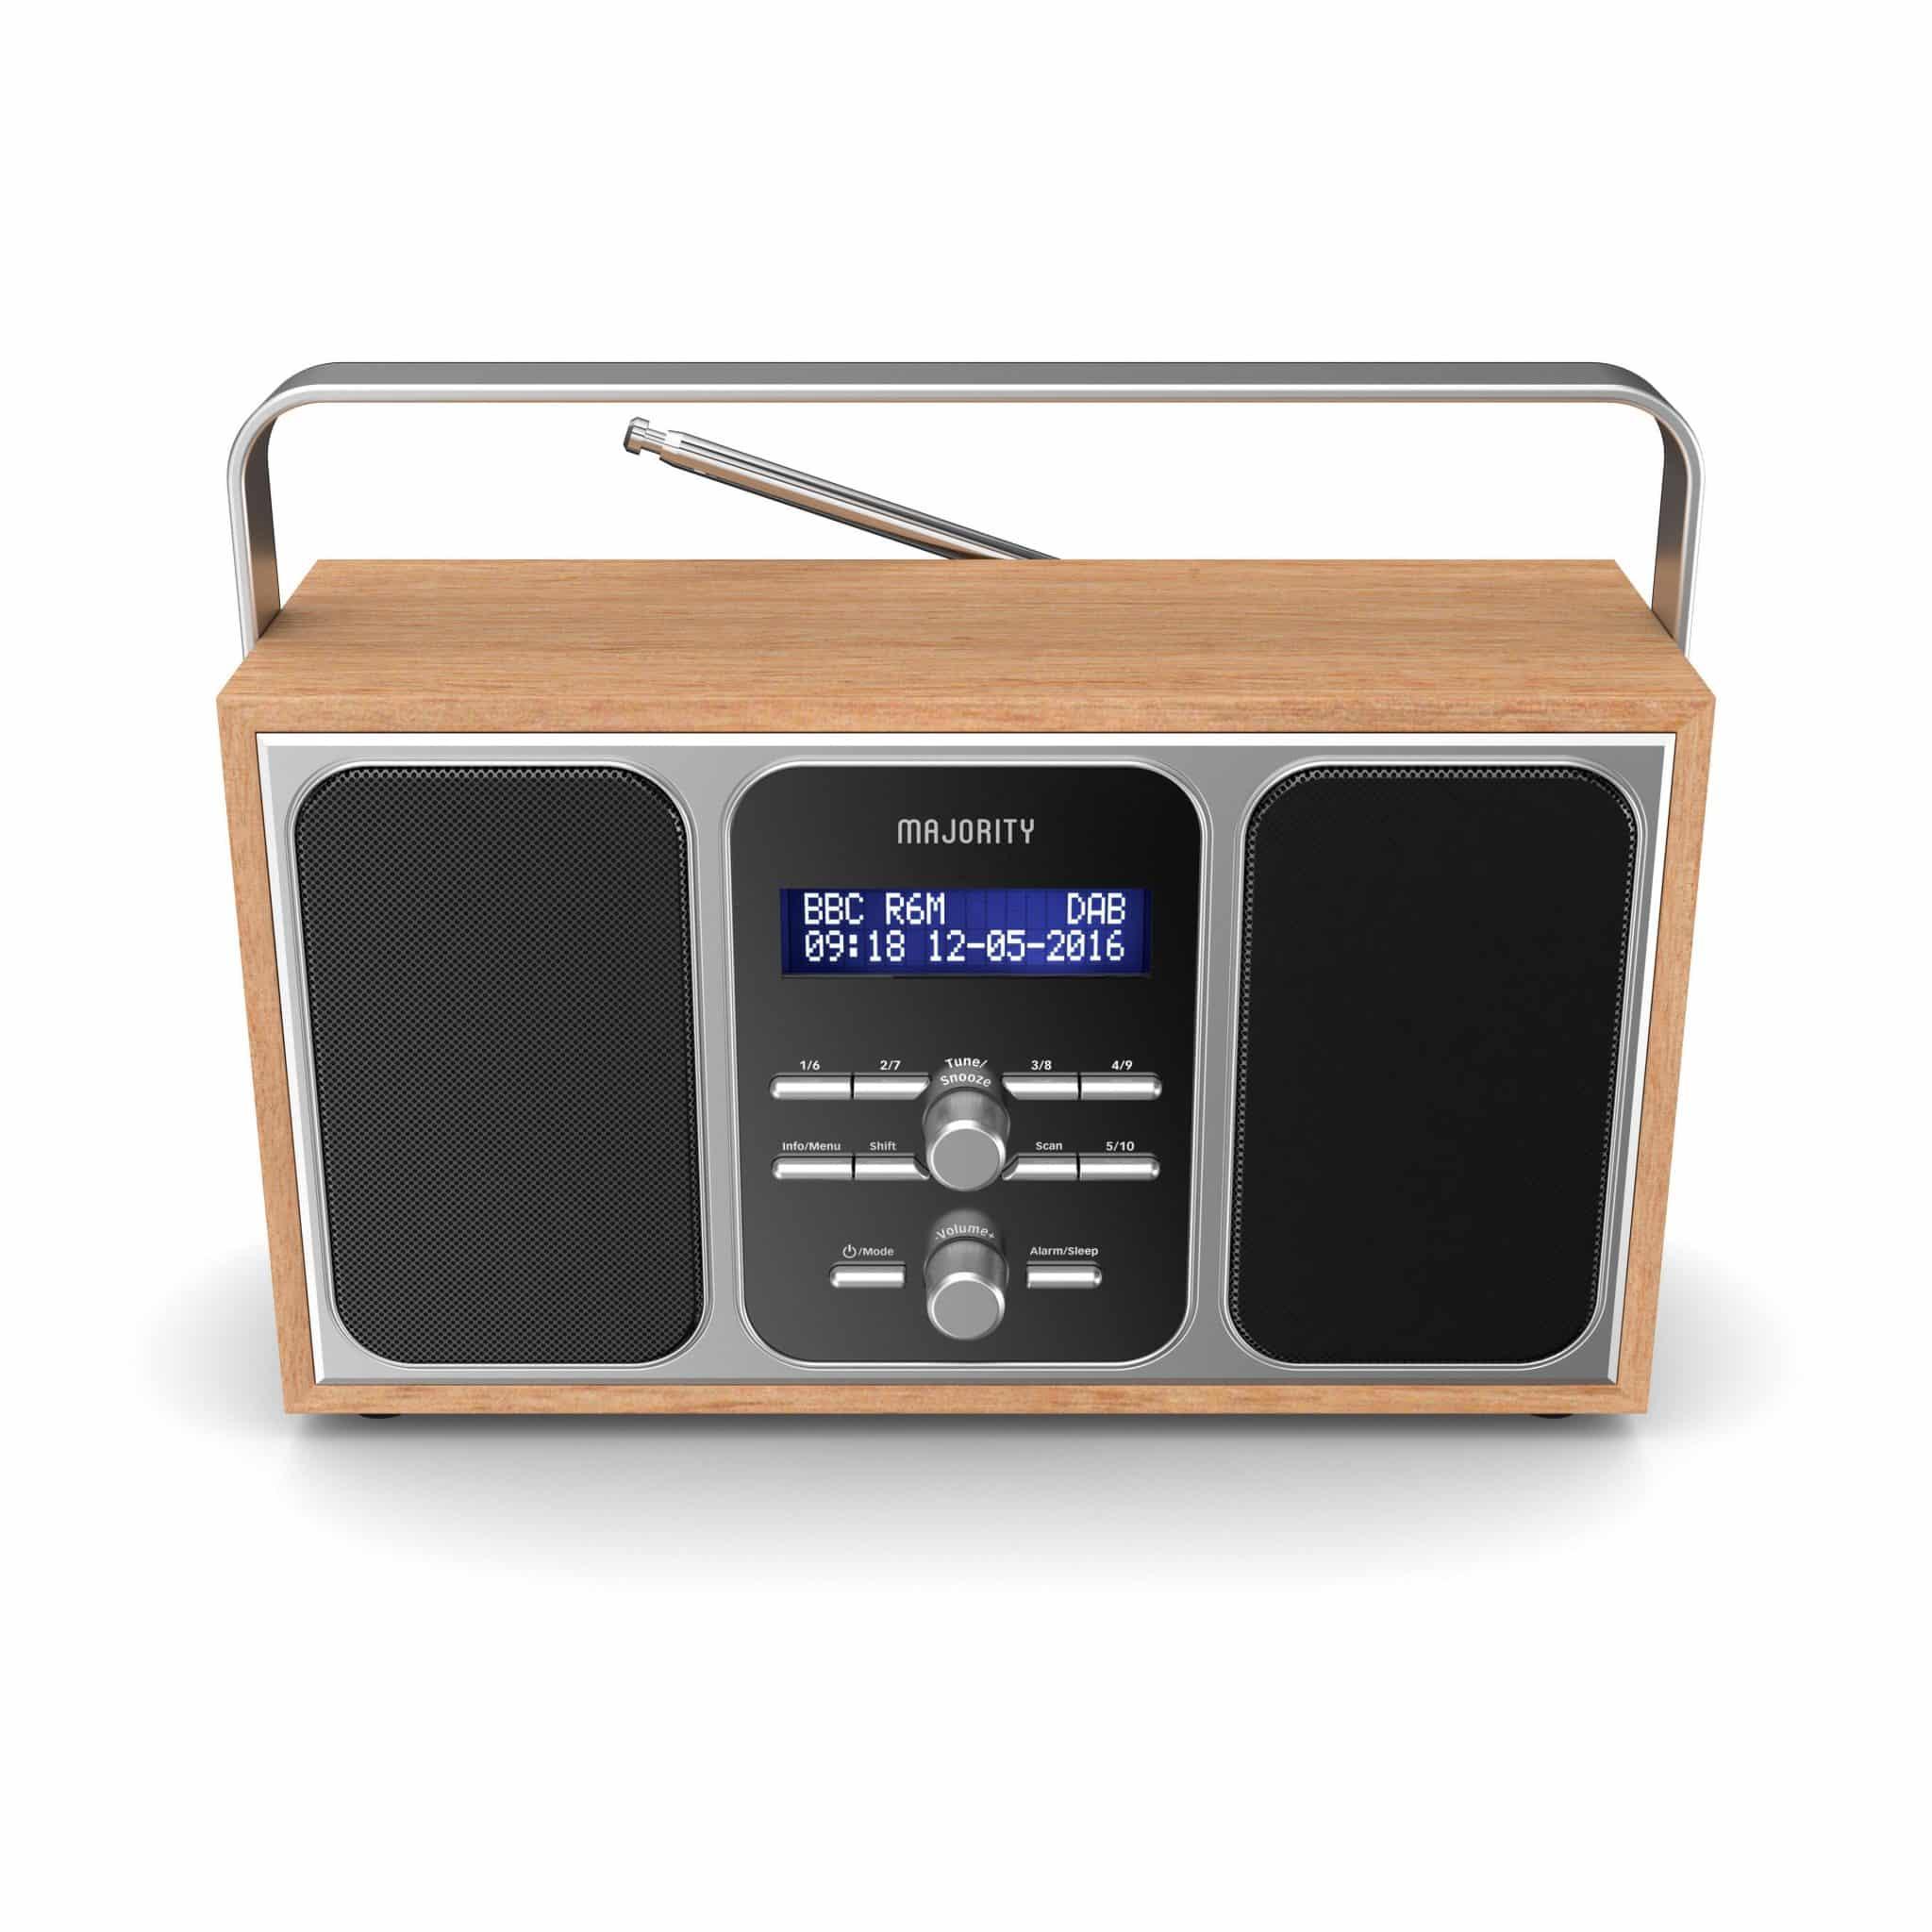 Portable DAB Radio - Girton Top